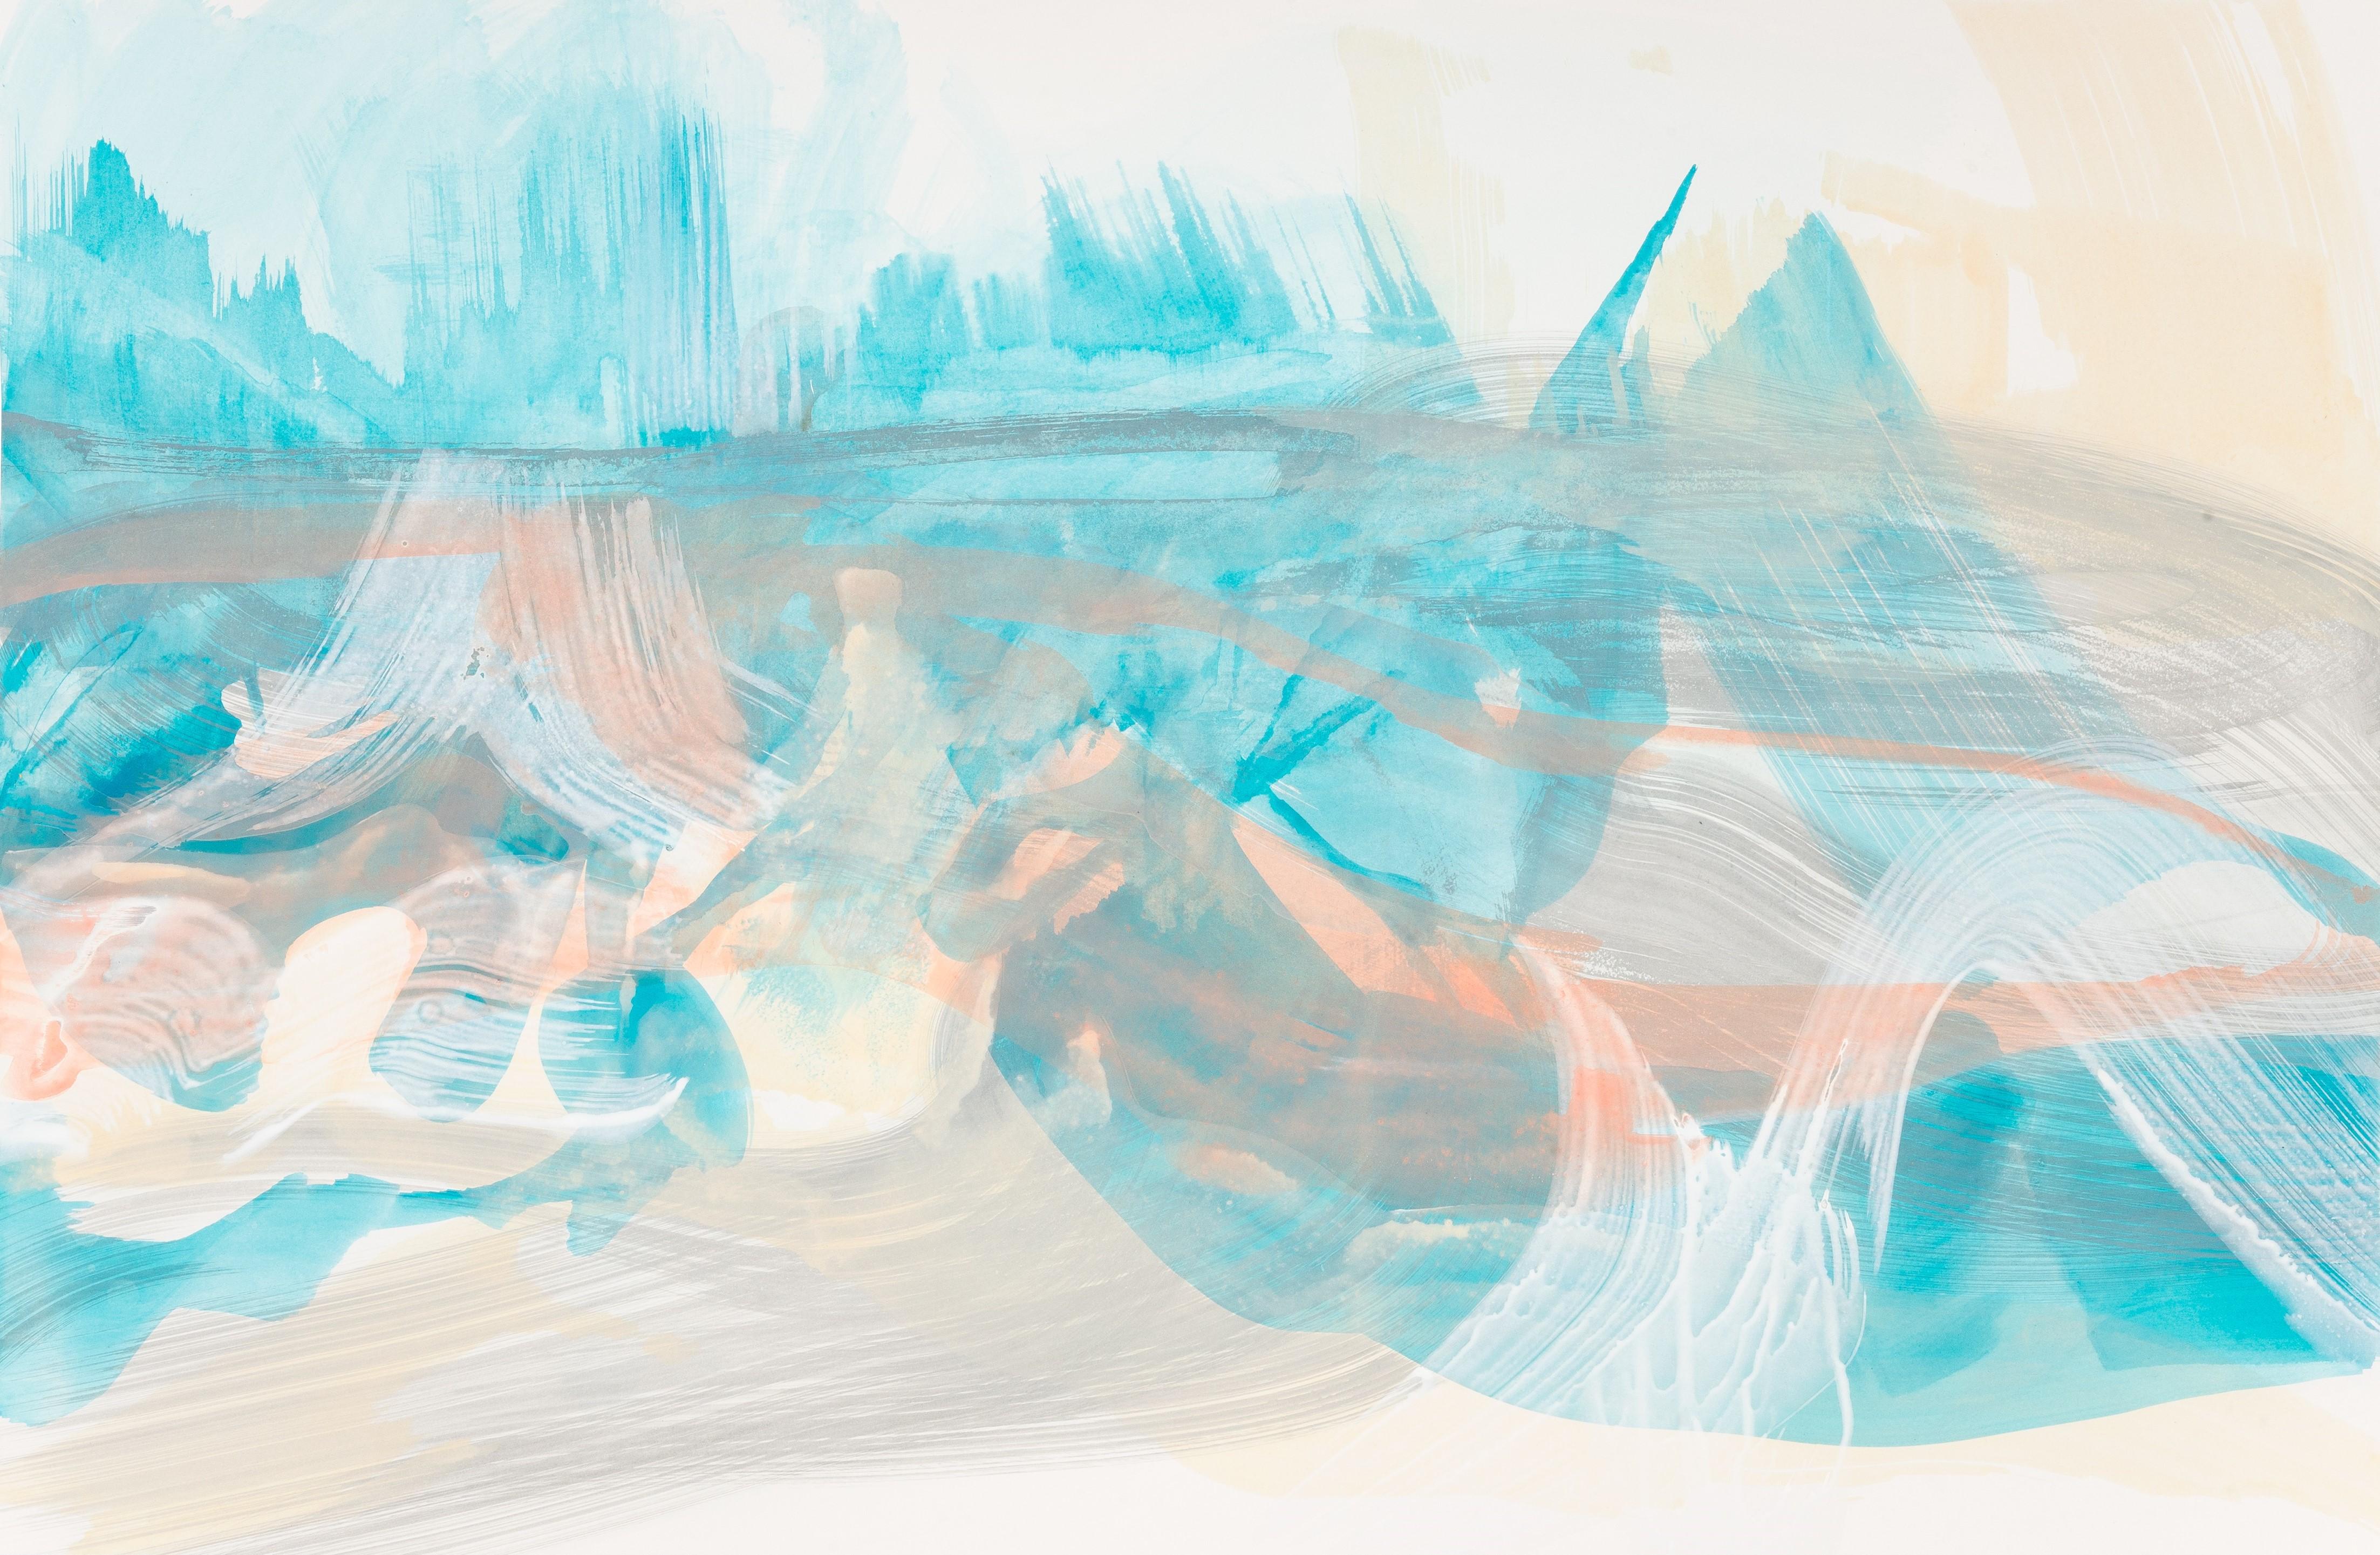 Unterwasser, 2014, Acryl auf Papier, 75 x 100 cm © Uta Weil, VG Bild-Kunst, Bonn